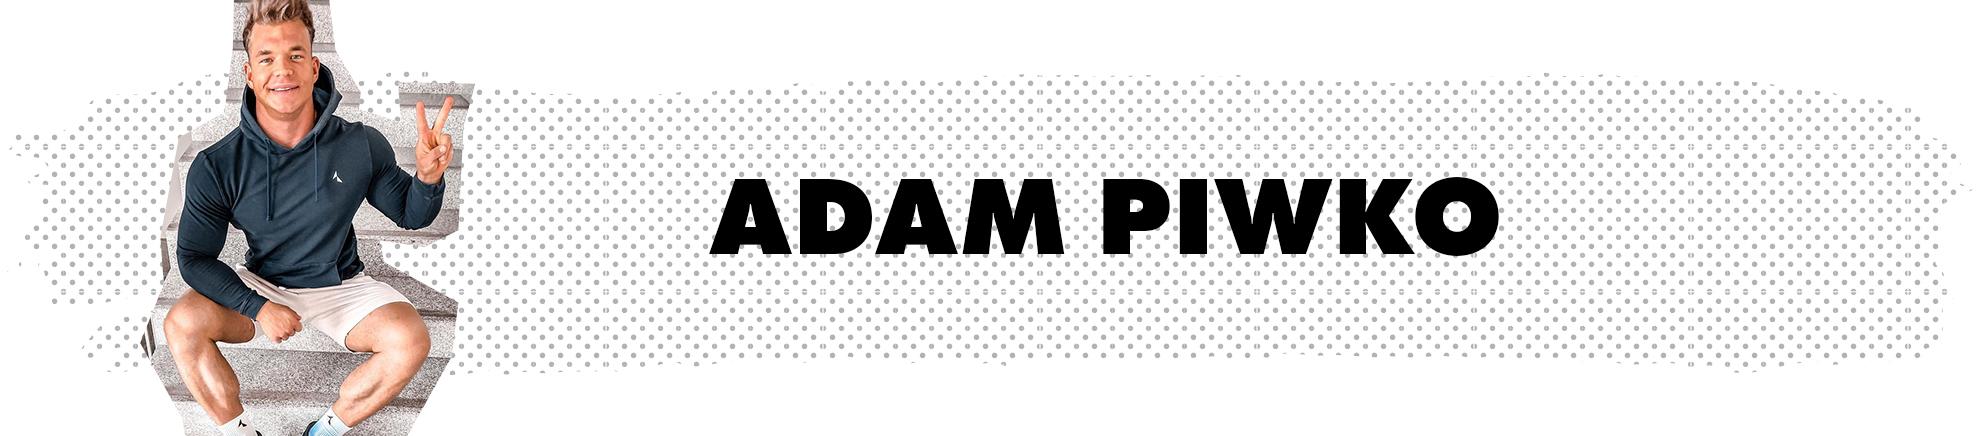 Adam Piwko - Carpatree brand ambassador